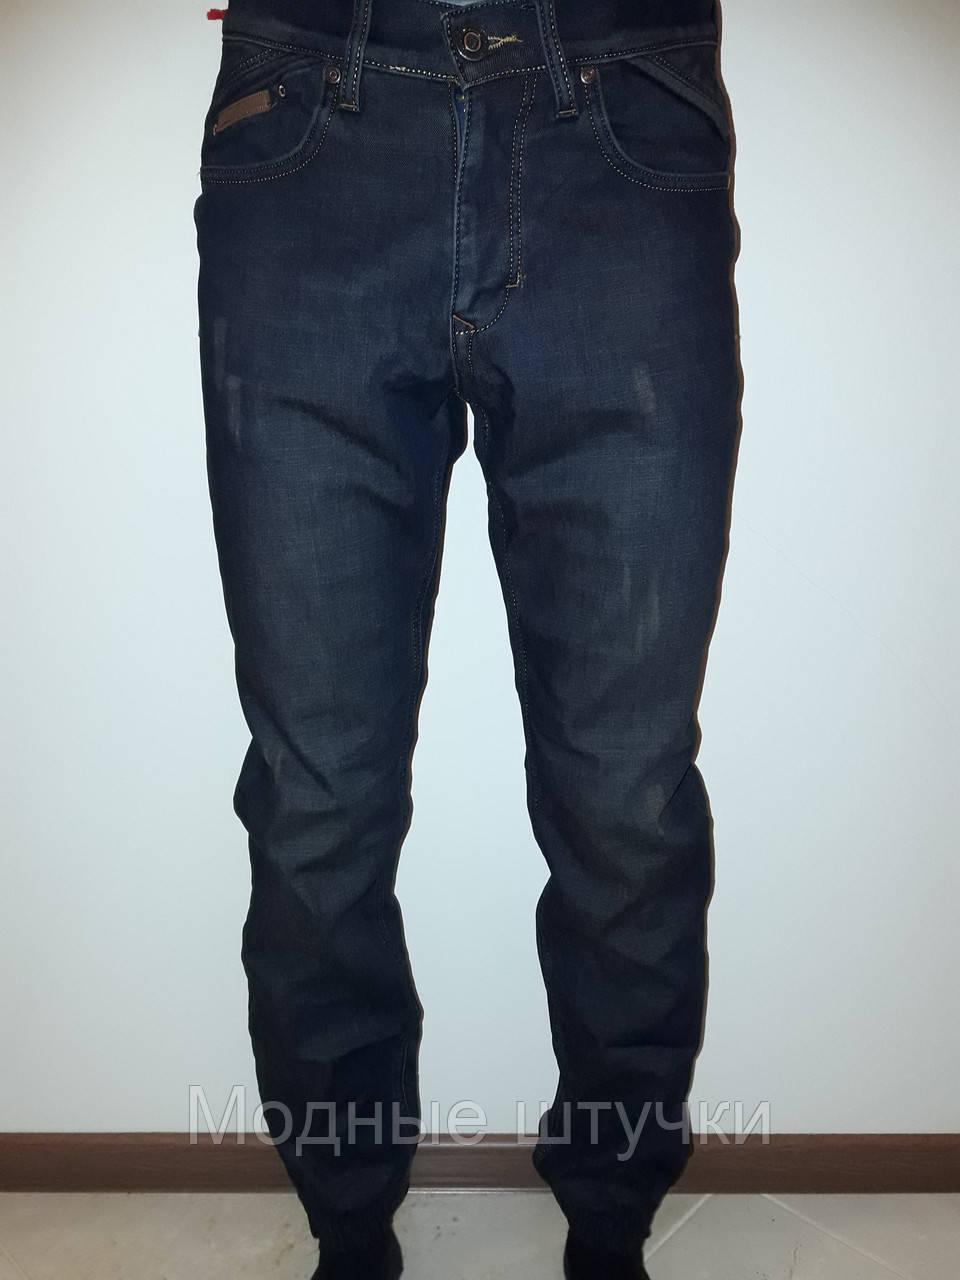 5a8217af52ce Мужские джинсы на резинке утепленные 4667